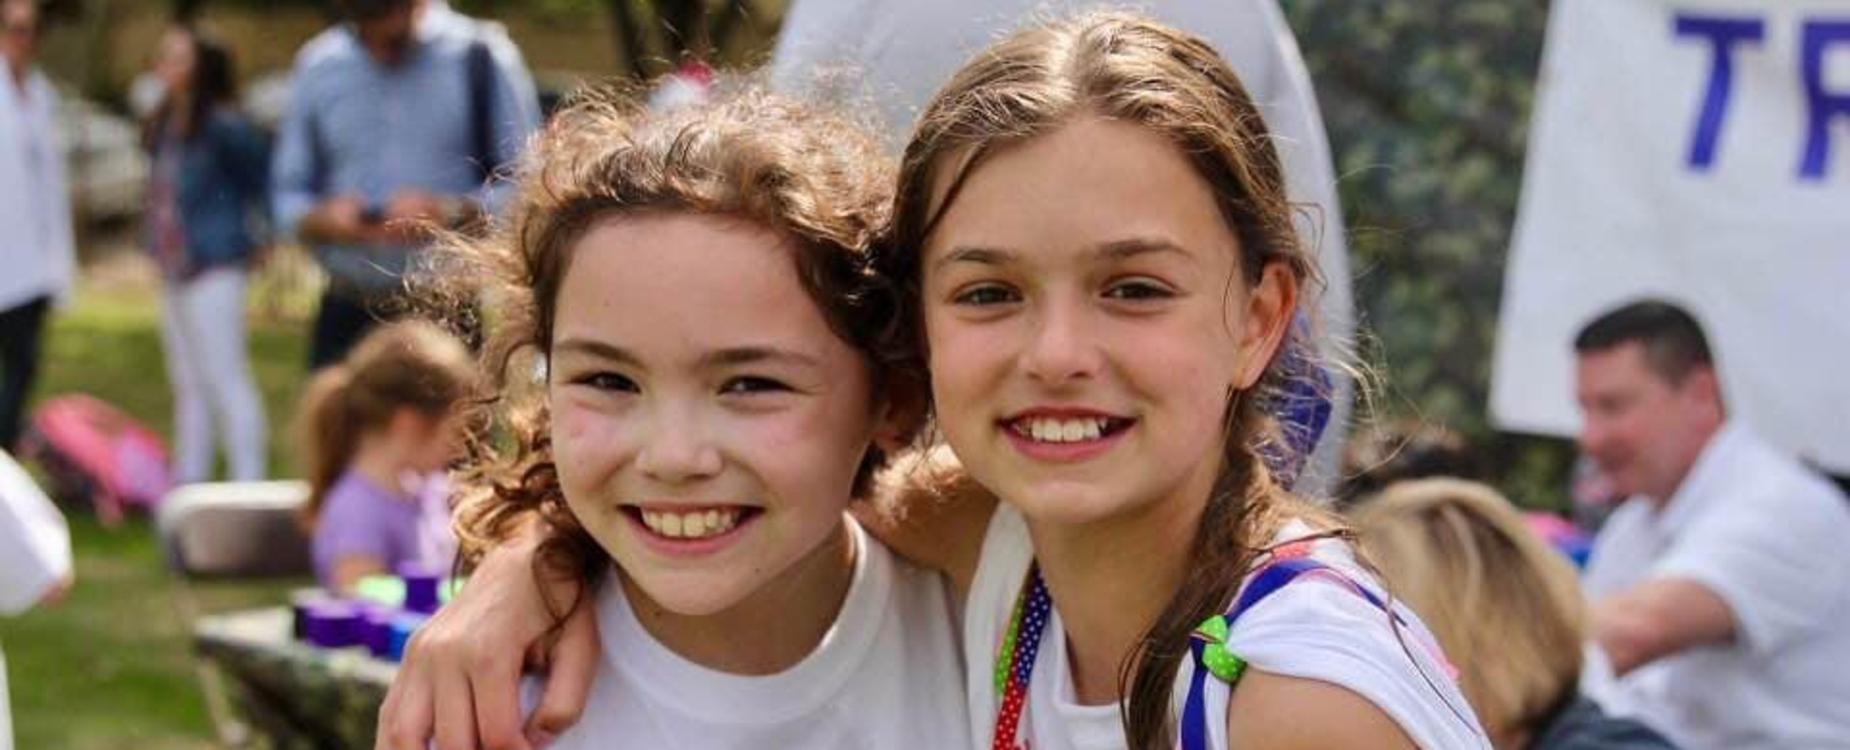 girls at carnival